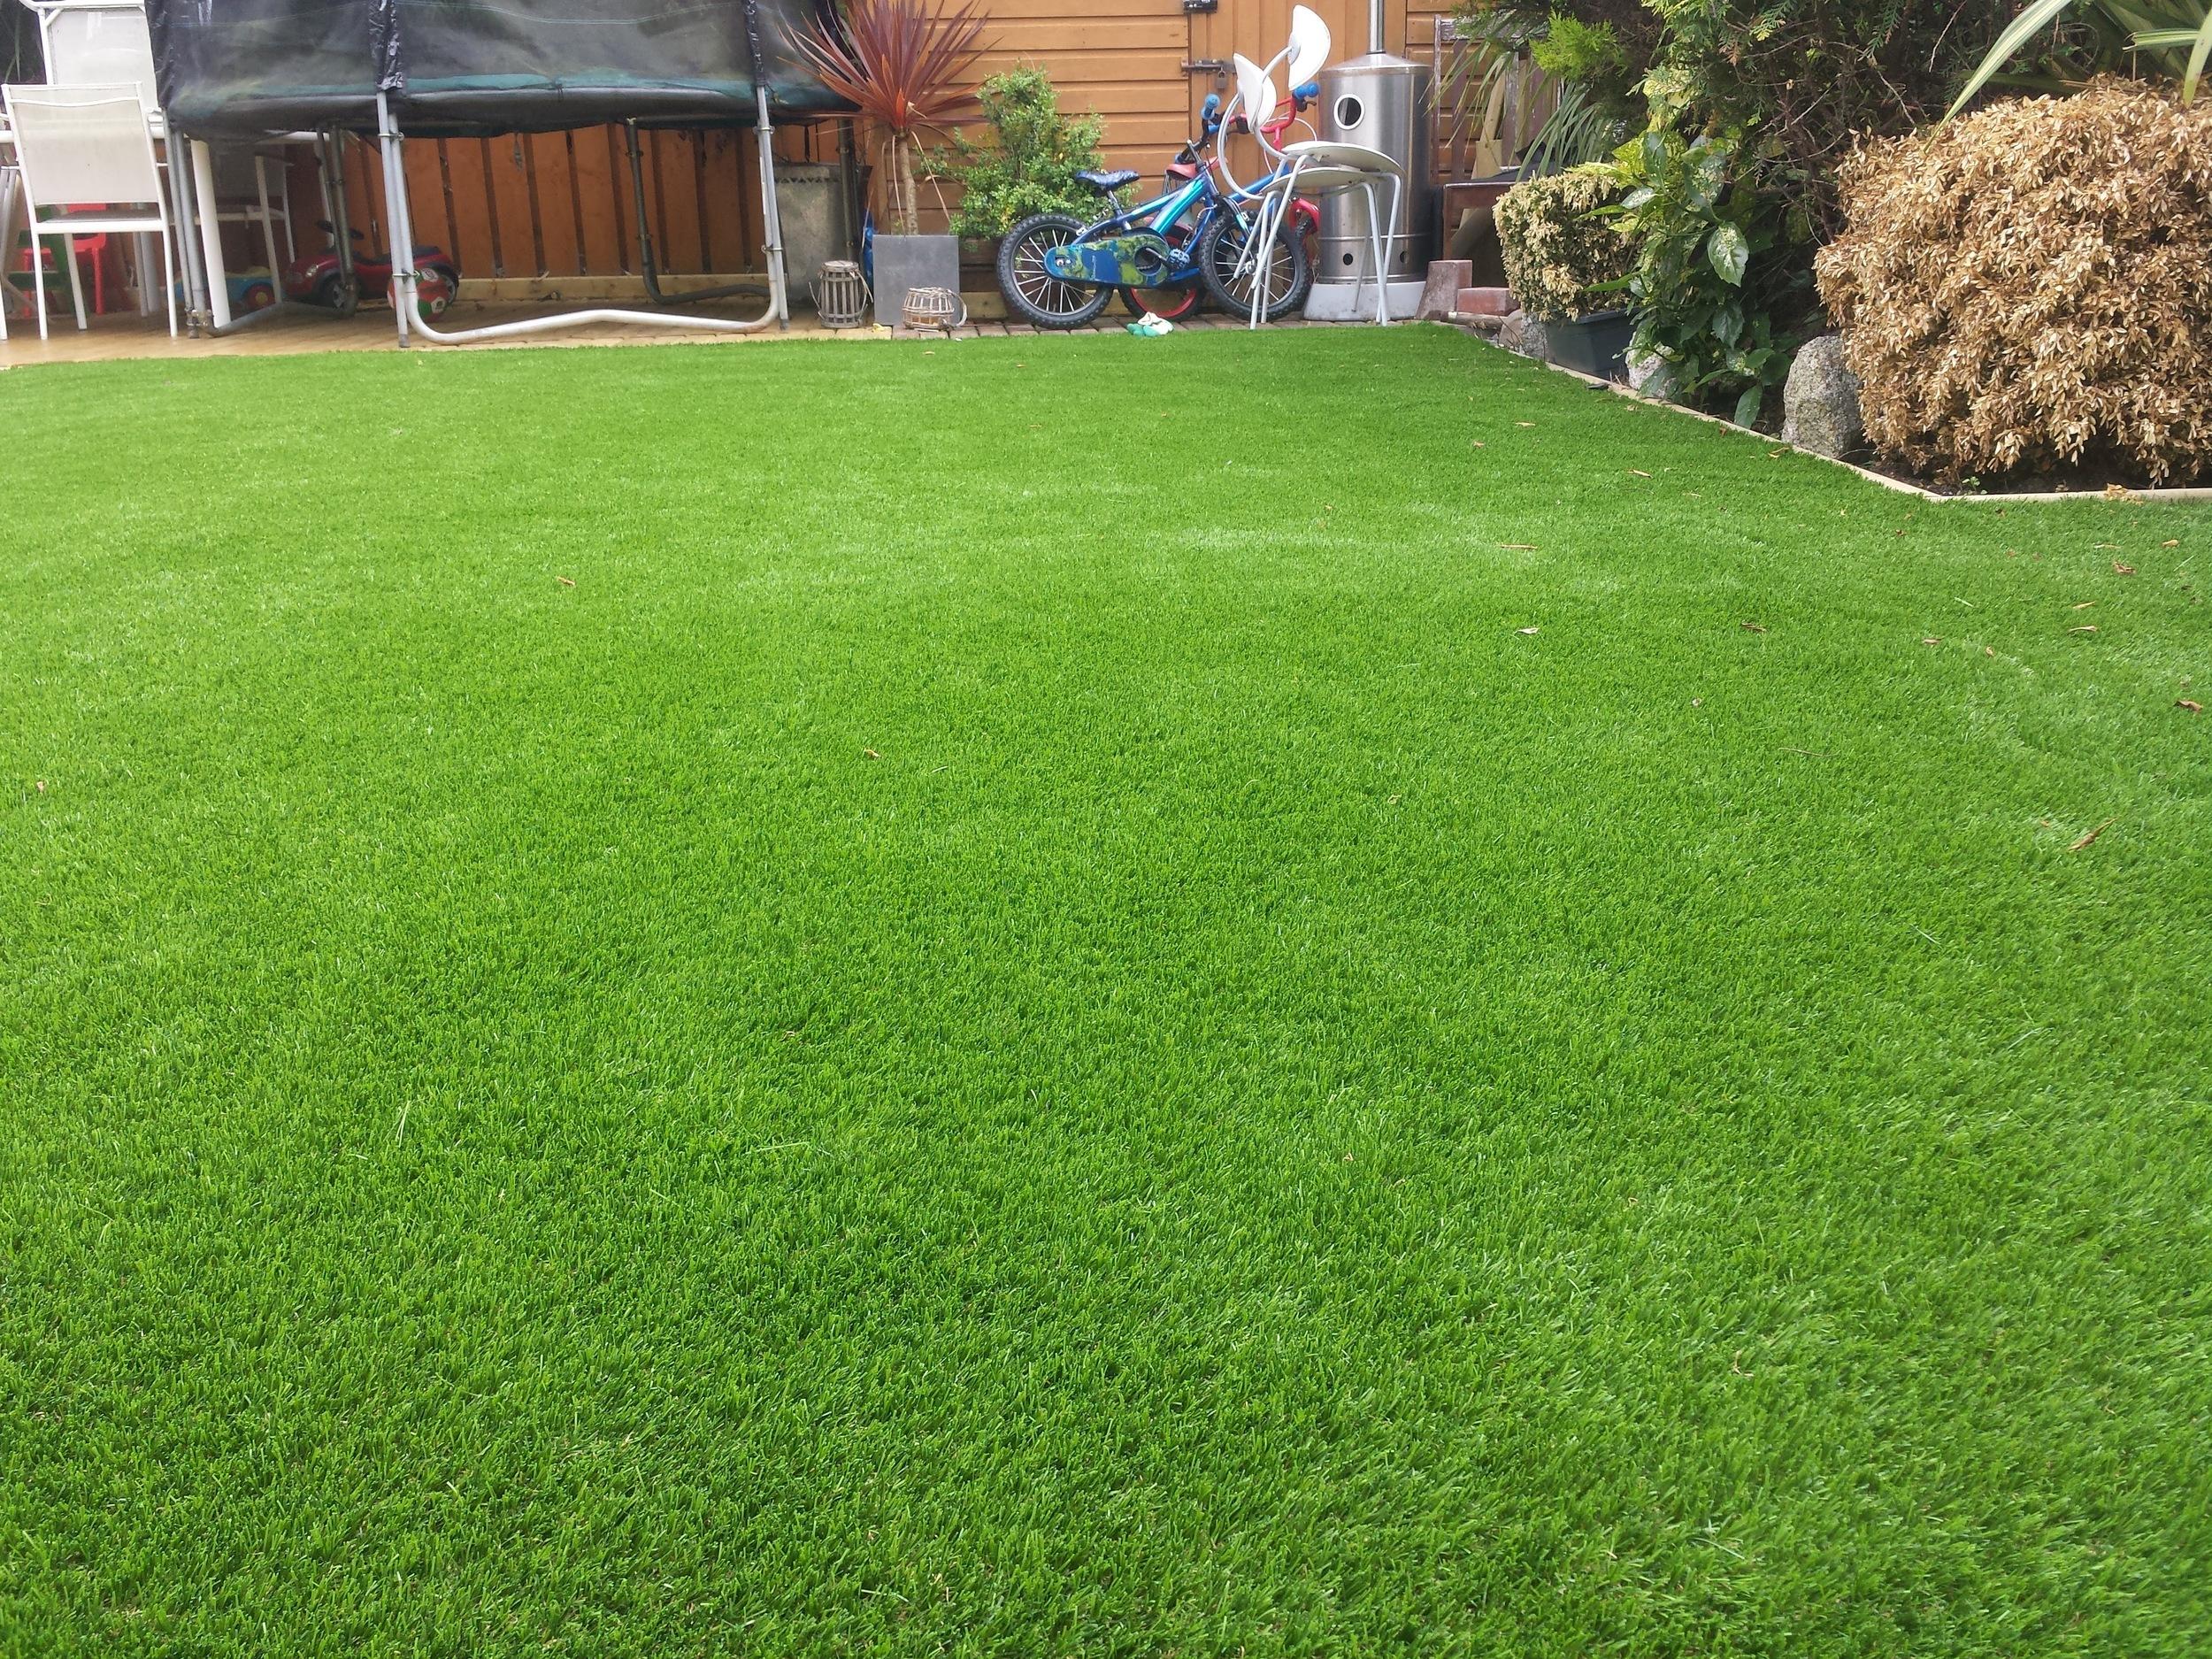 Garden grass .jpg